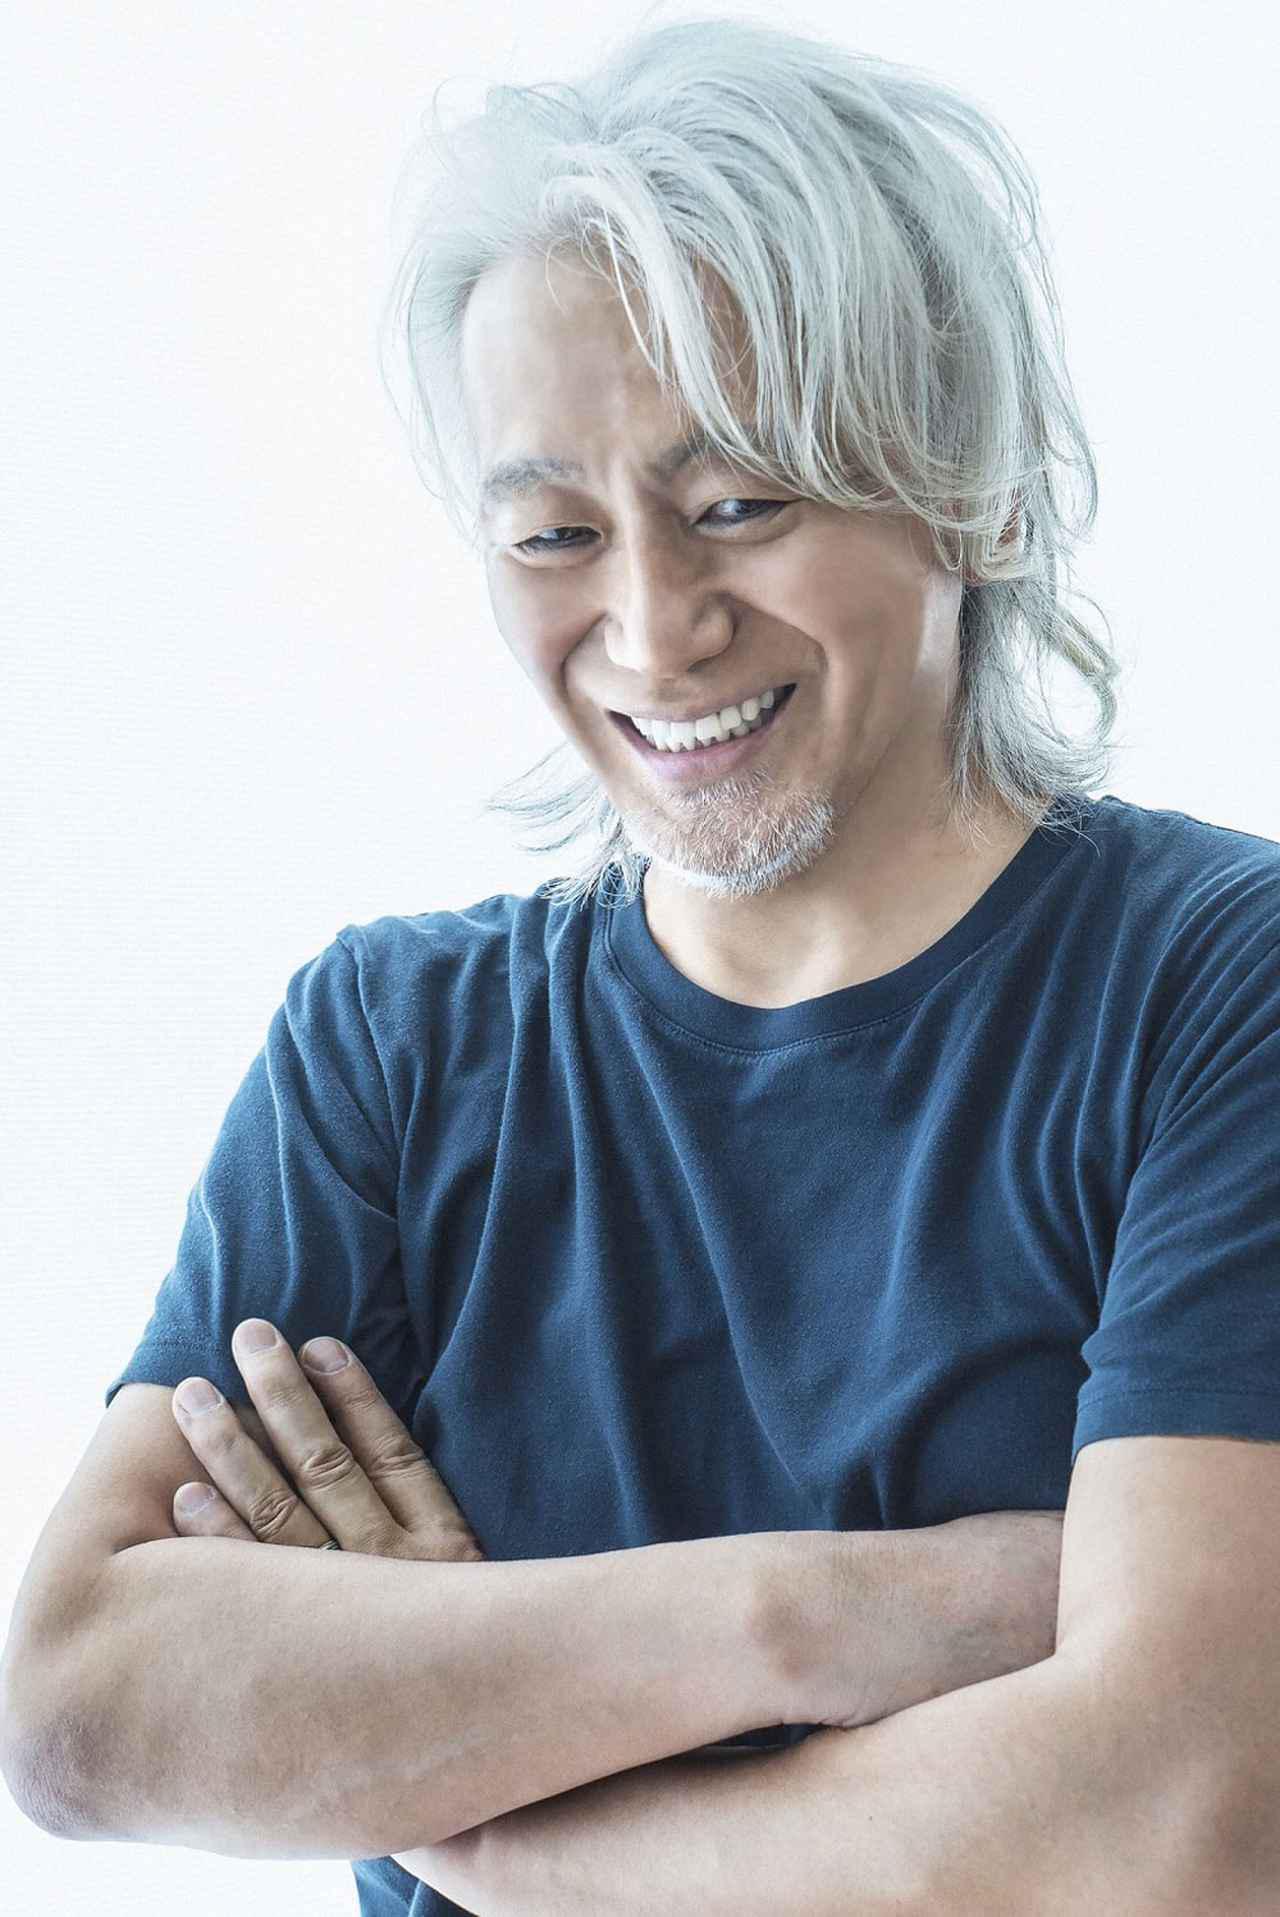 画像: 孤高のヴォーカリスト玉置浩二、6年振りのニューアルバムリリース決定! アーティストに提供した楽曲を珠玉の歌で贈ります。